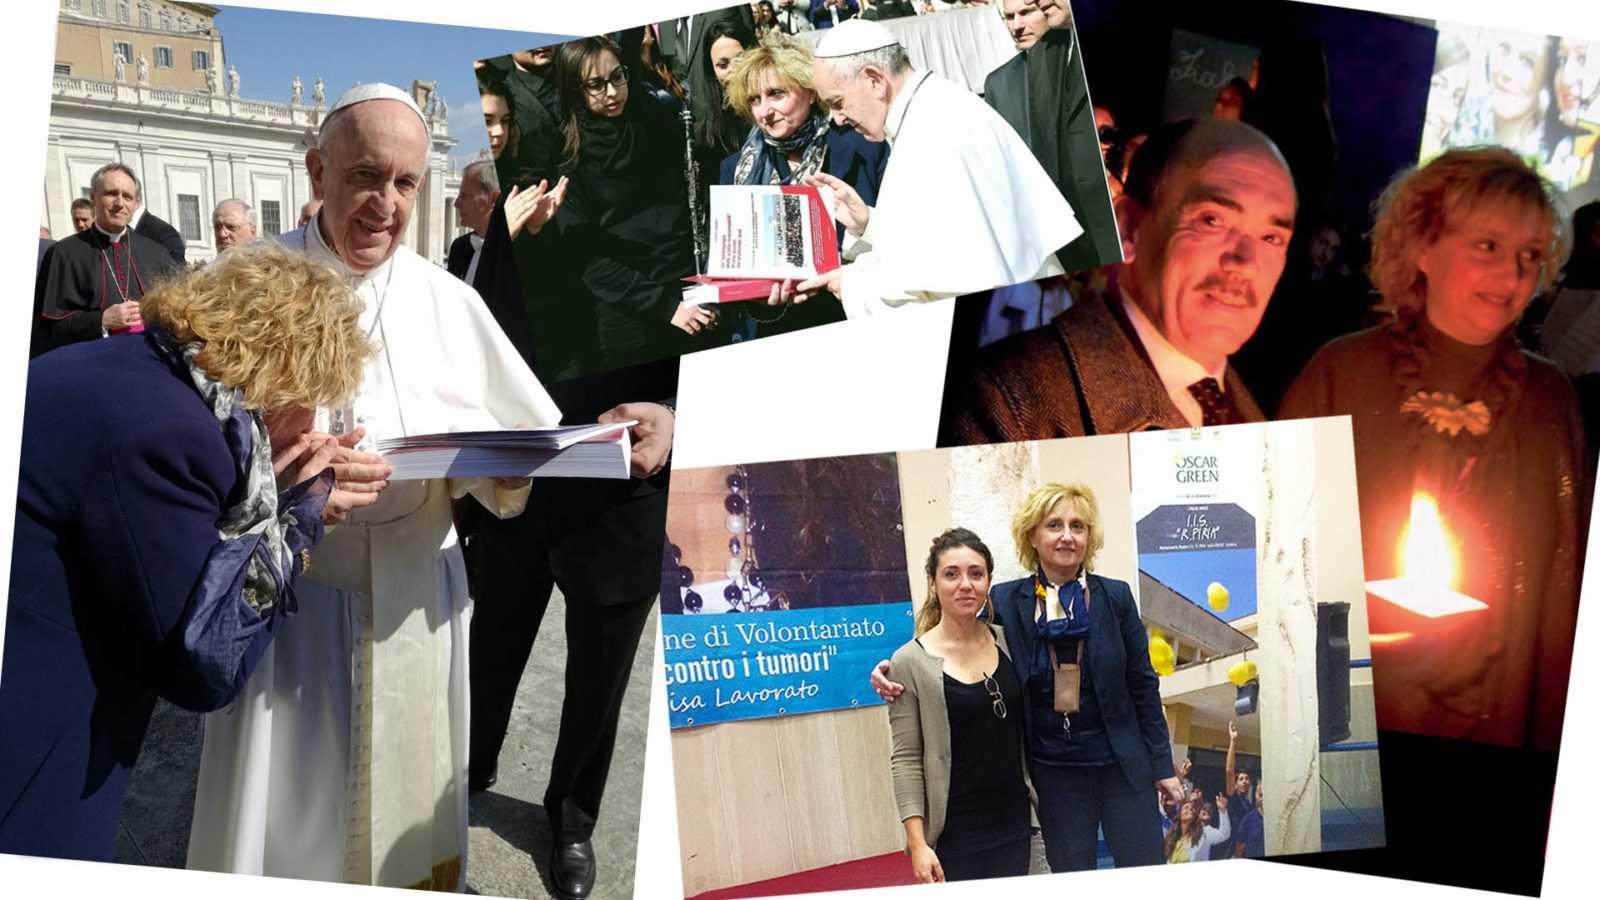 Maria Rosaria Russo - foto incontro con il papa e vari eventi